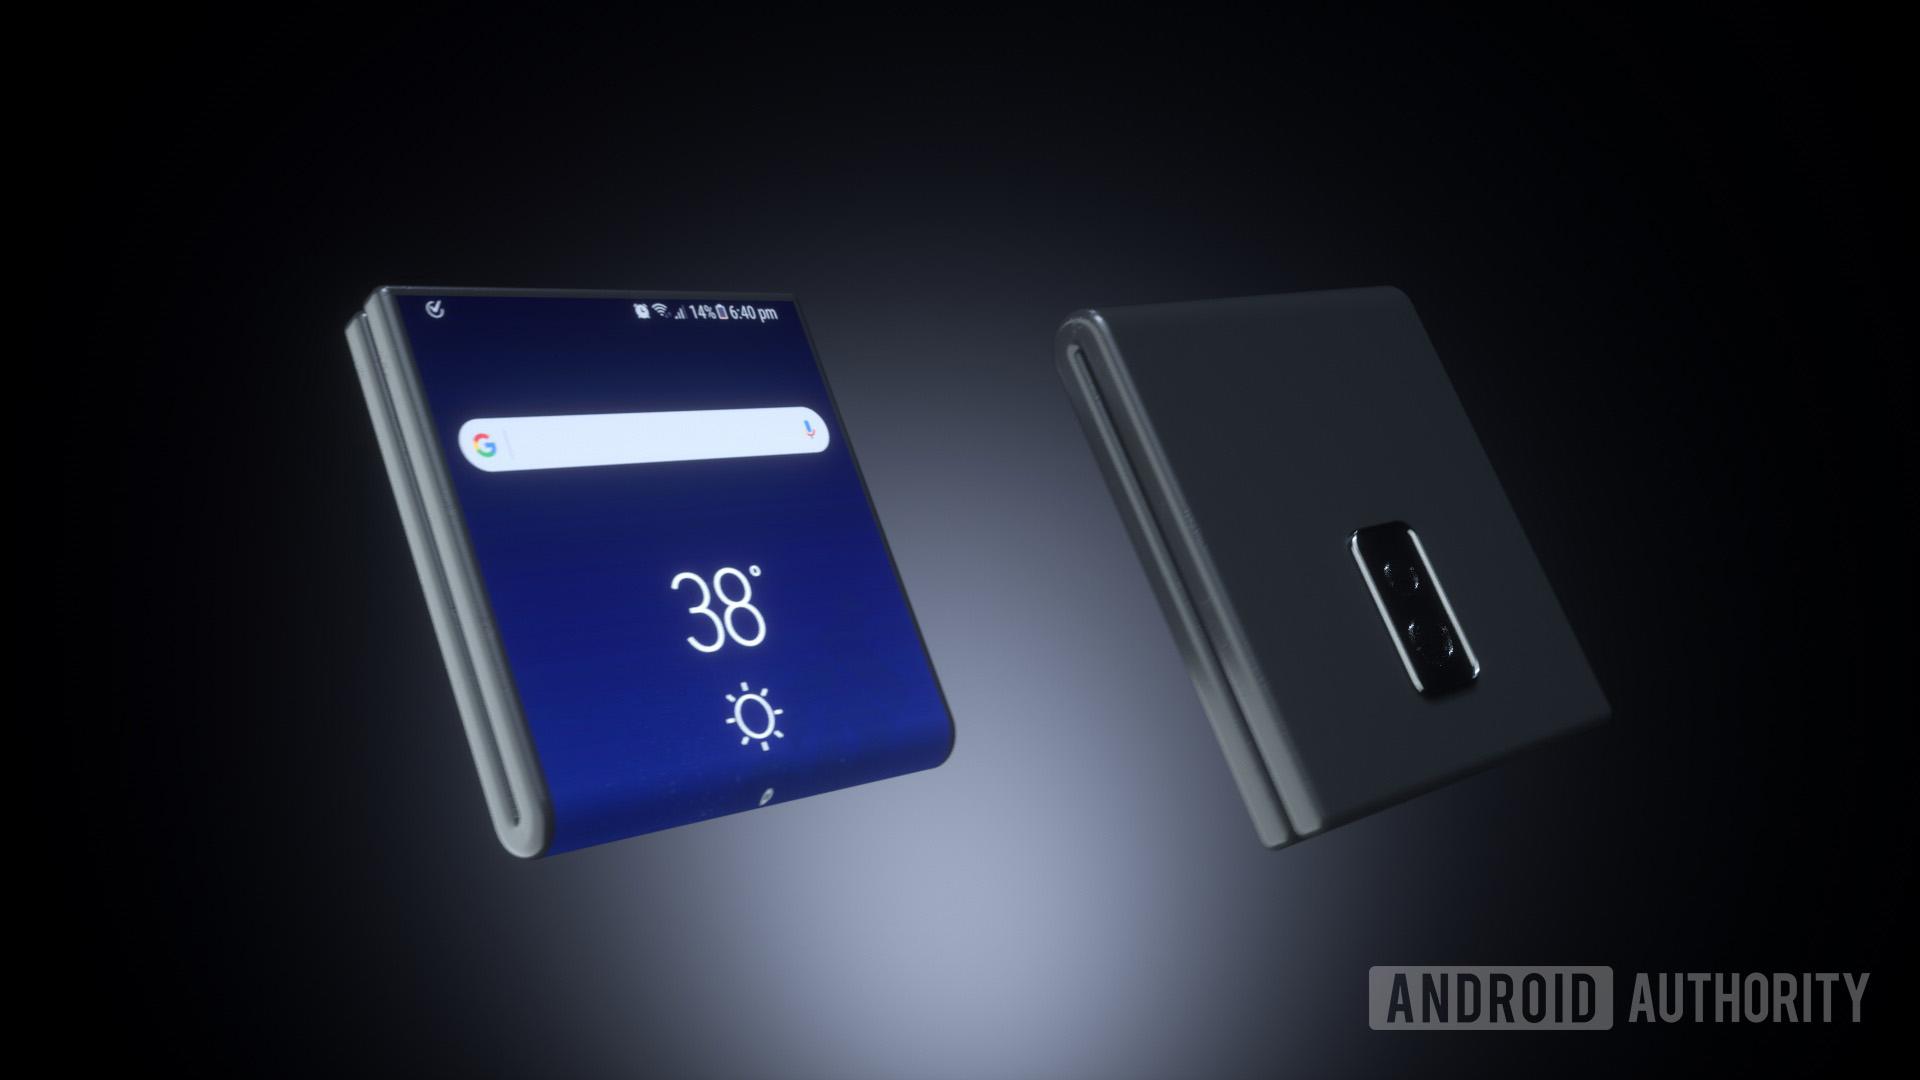 Chiếc điện thoại Samsung màn hình gập sẽ mang lại trải nghiệm tuyệt vời cho người dùng.